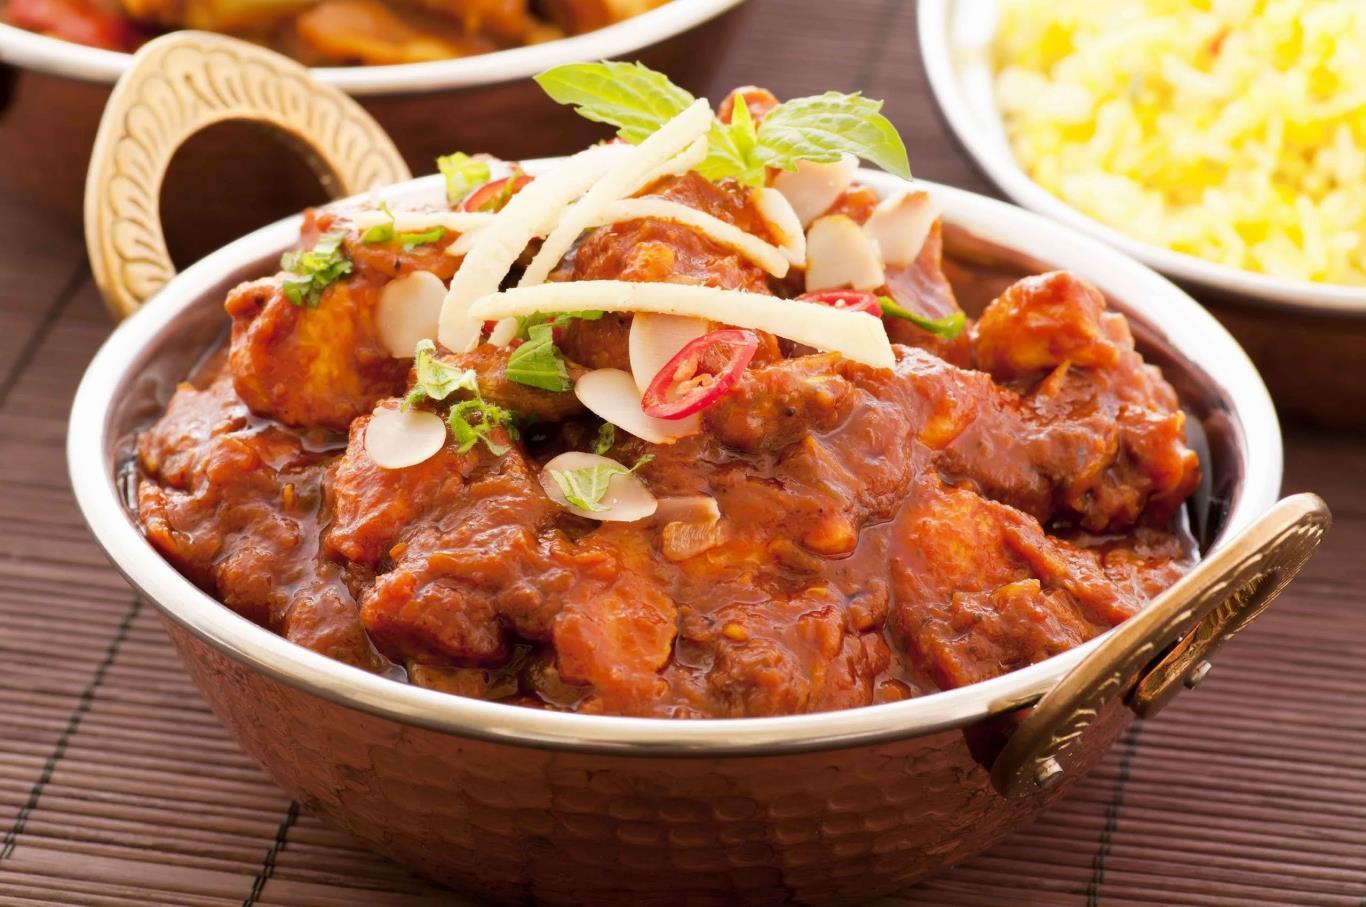 Phall được coi là món cà ri cay nhất trên thế giới với thành phần chính là các loại tiêu và ớt cực cay. Nhiều nhà hàng còn trang bị mặt nạ khí ga cho đầu bếp để tránh bị hơi ớt cay làm ảnh hưởng đến sức khỏe trong quá trình chế biến.